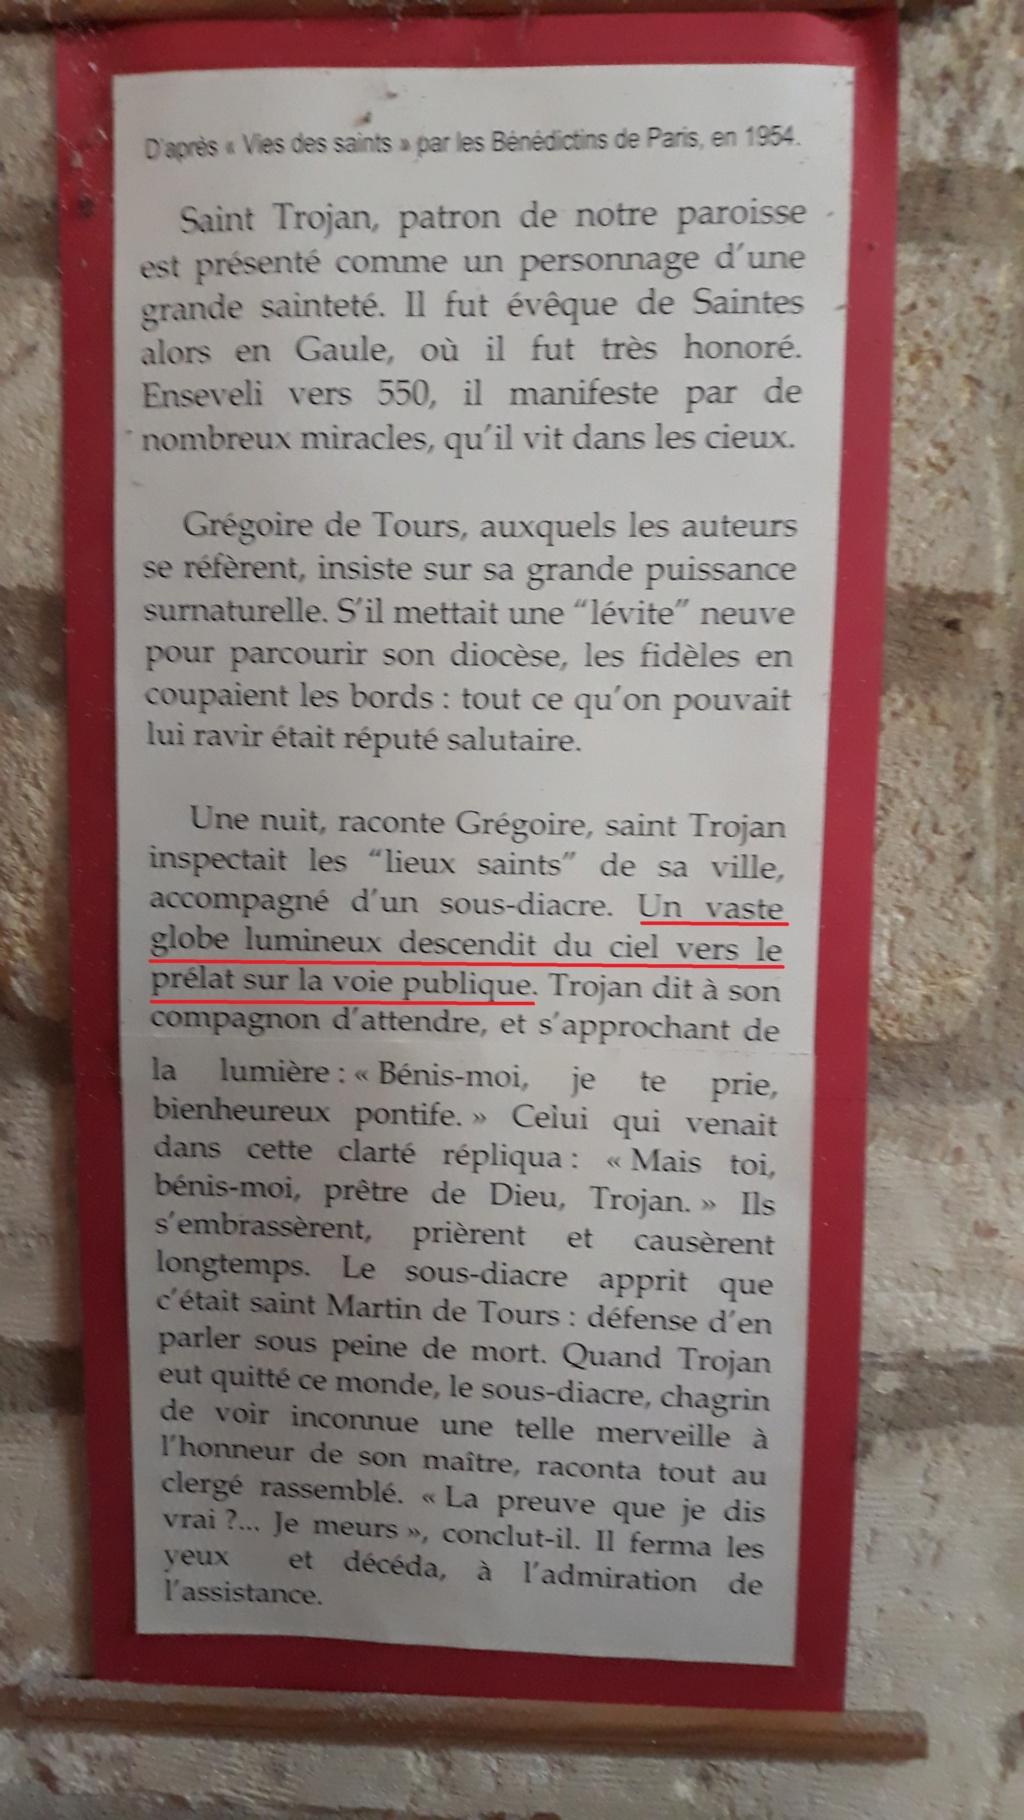 Le phénomène ovni et la foi chretienne - Page 5 20200810